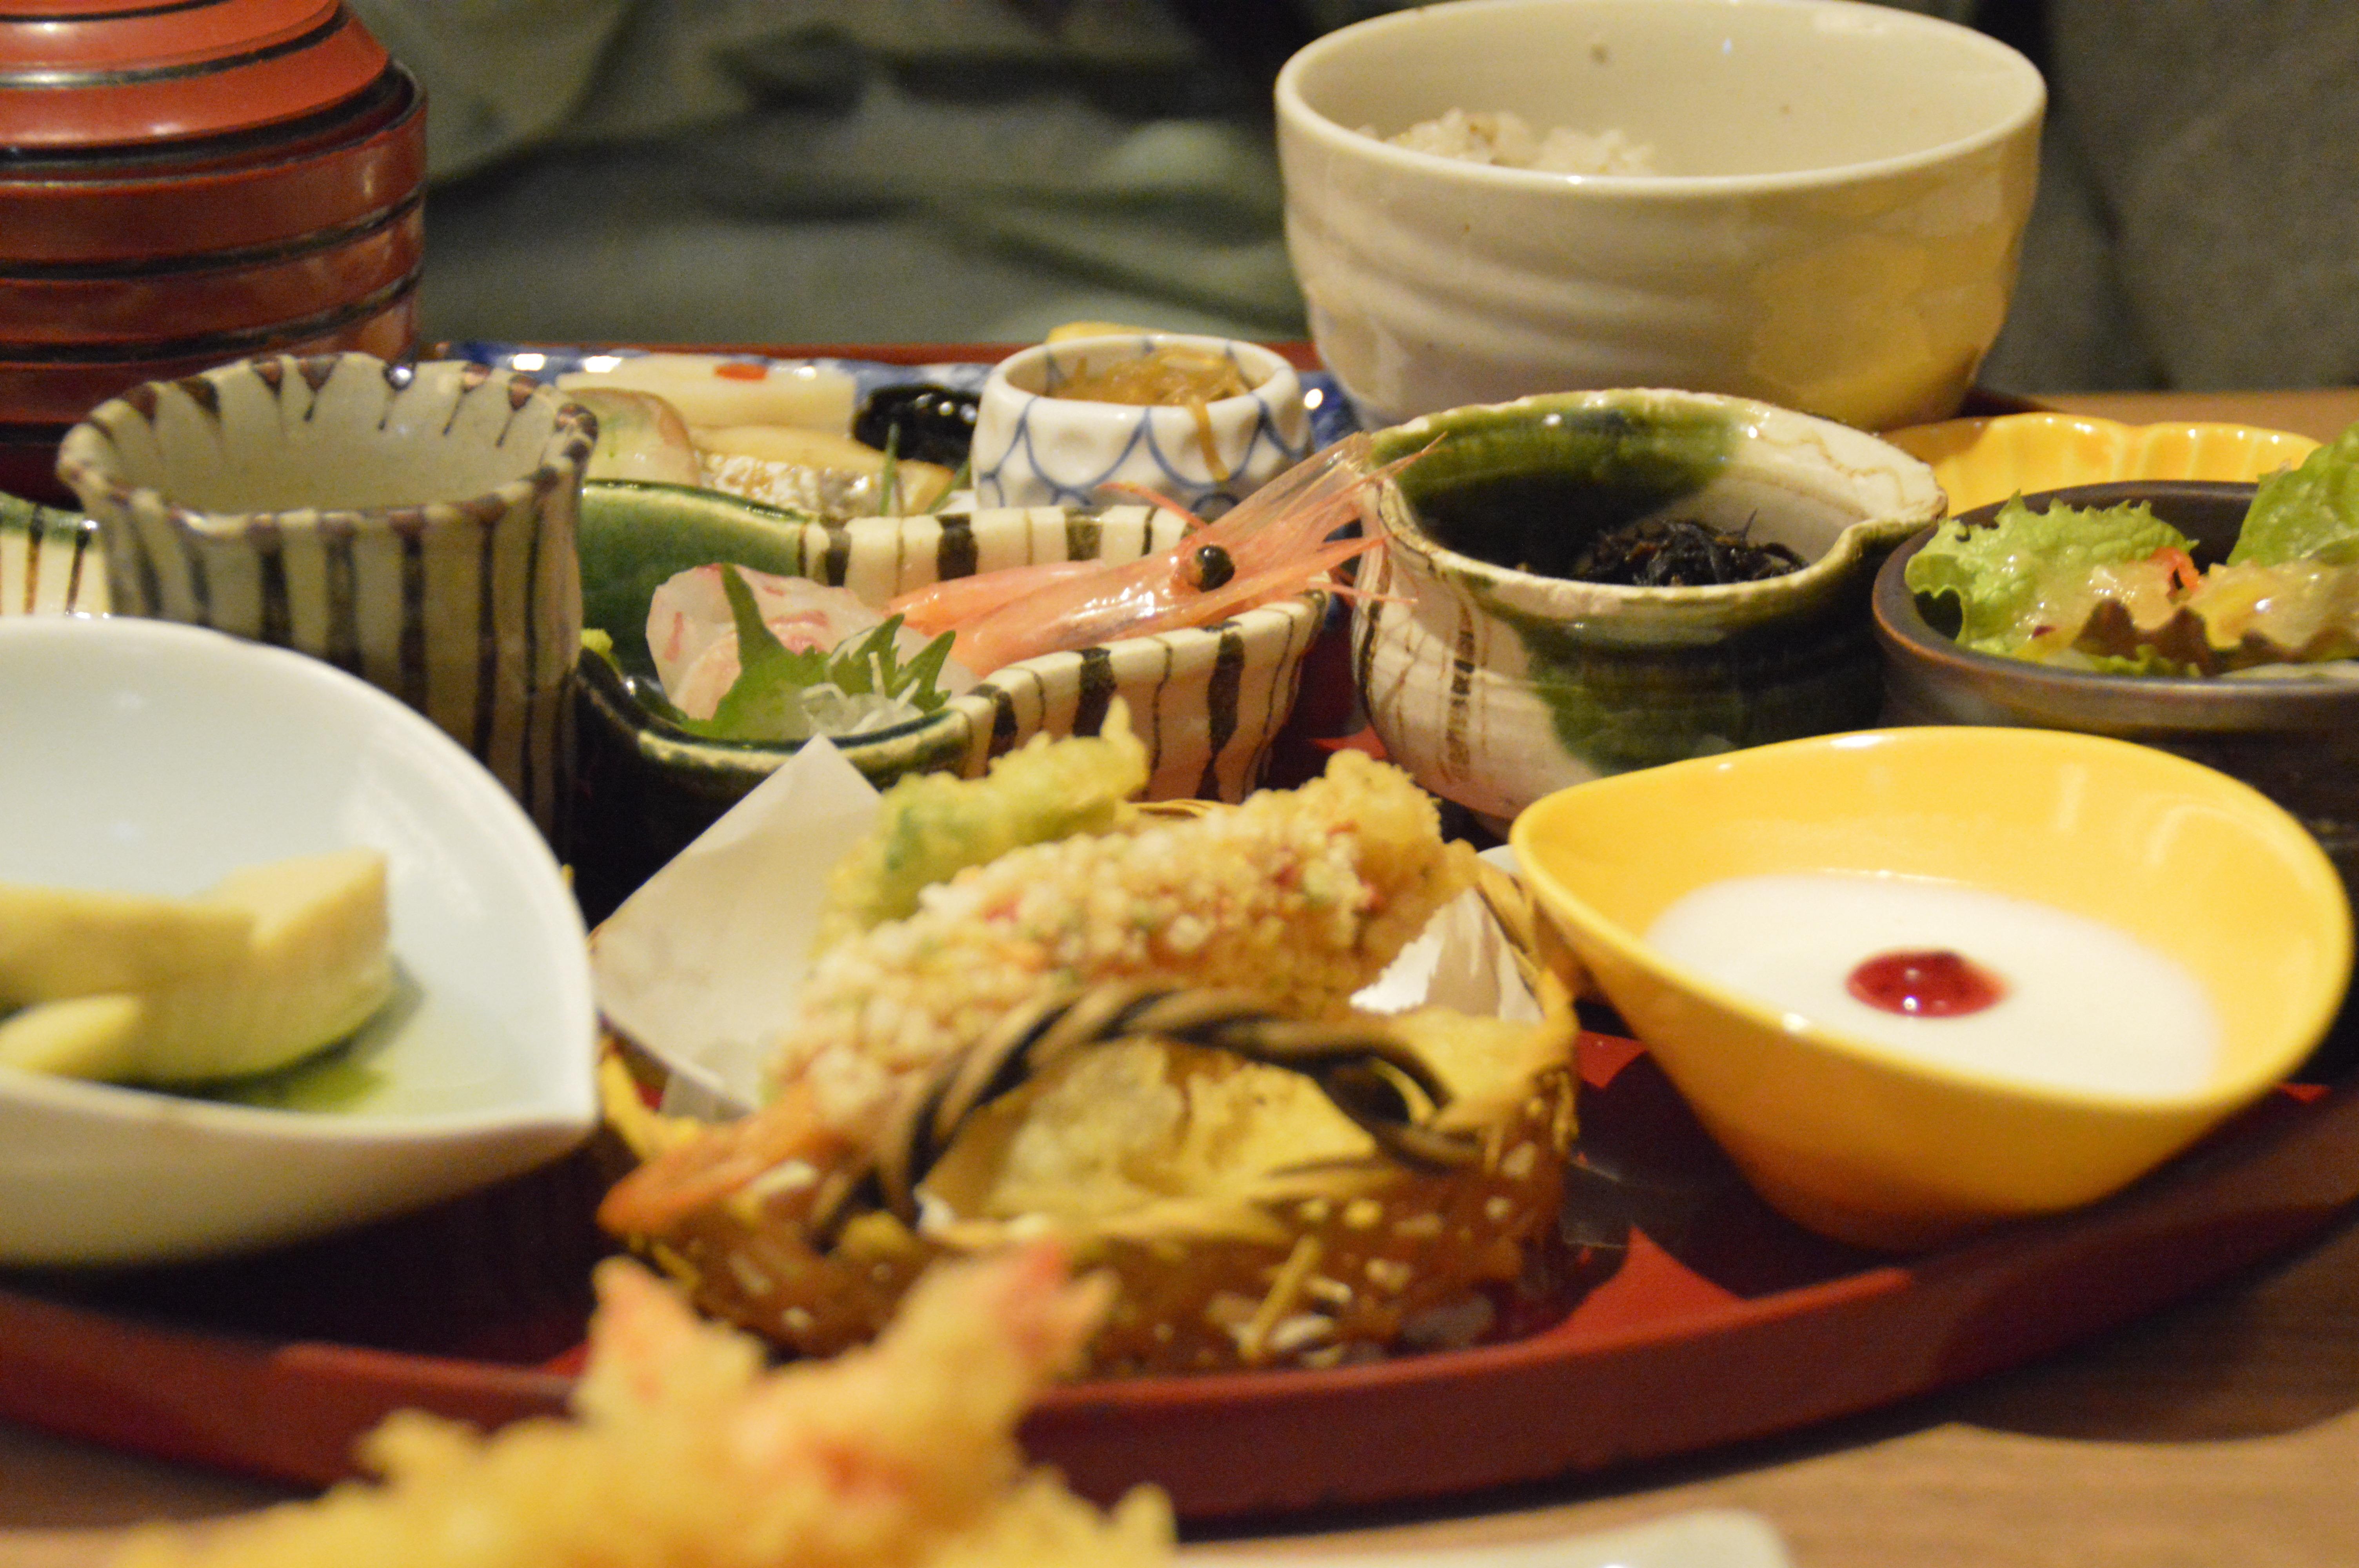 神楽坂「うを匠 鱻(セン)」は飯田橋でリーズナブルかつ落ち着いた和食ランチを食べたい方に非常にオススメ